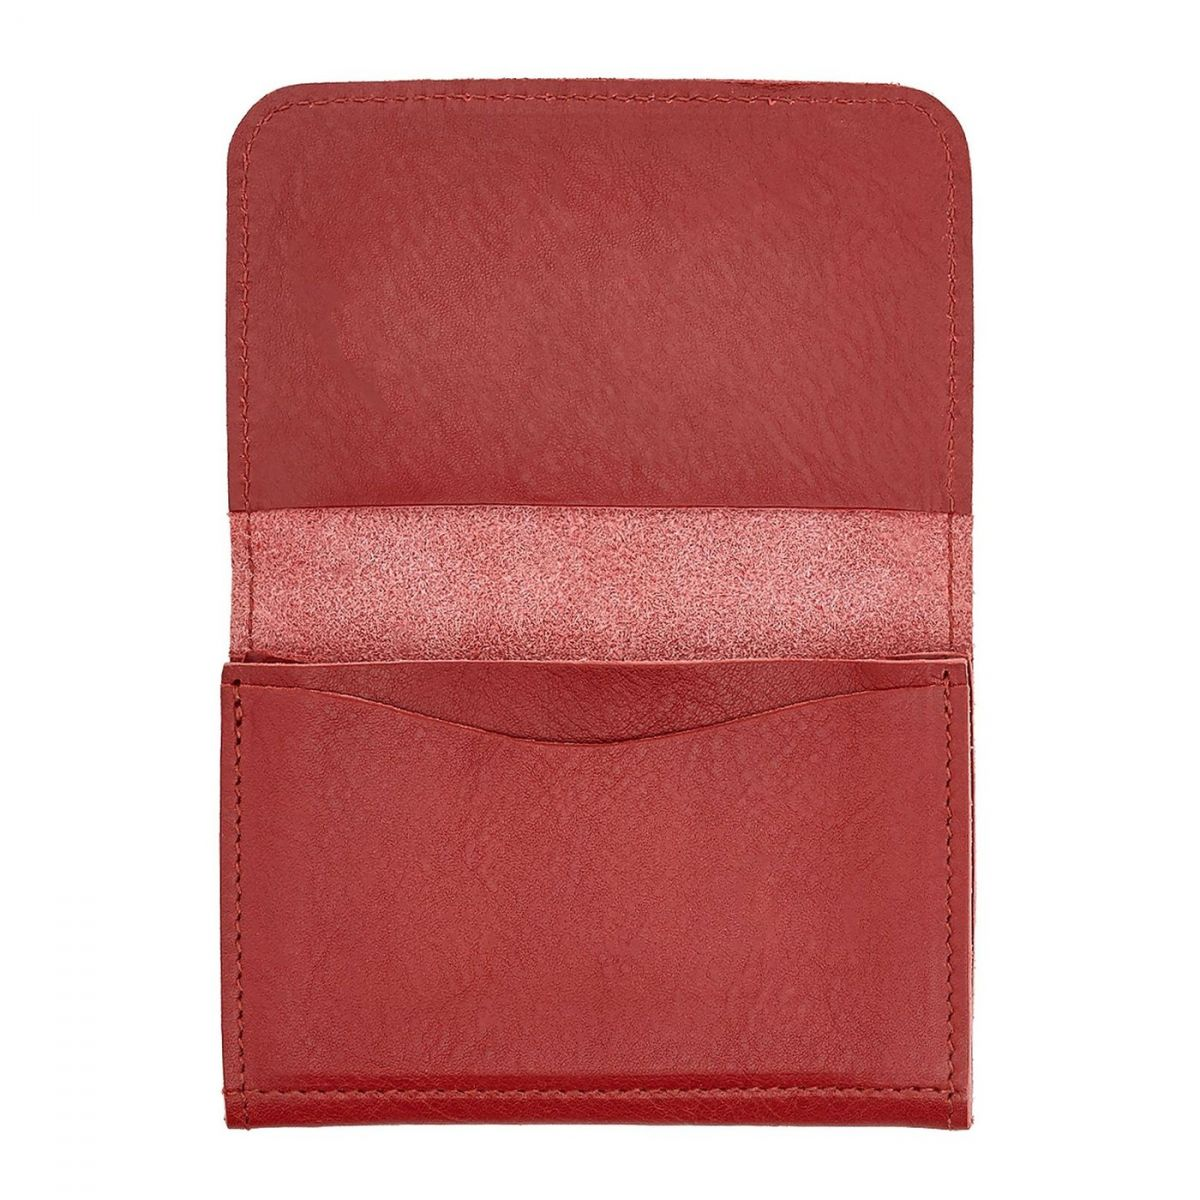 Porte-Cartes  en Cuir De Vachette Doublé SCC004 couleur Rouge | Details